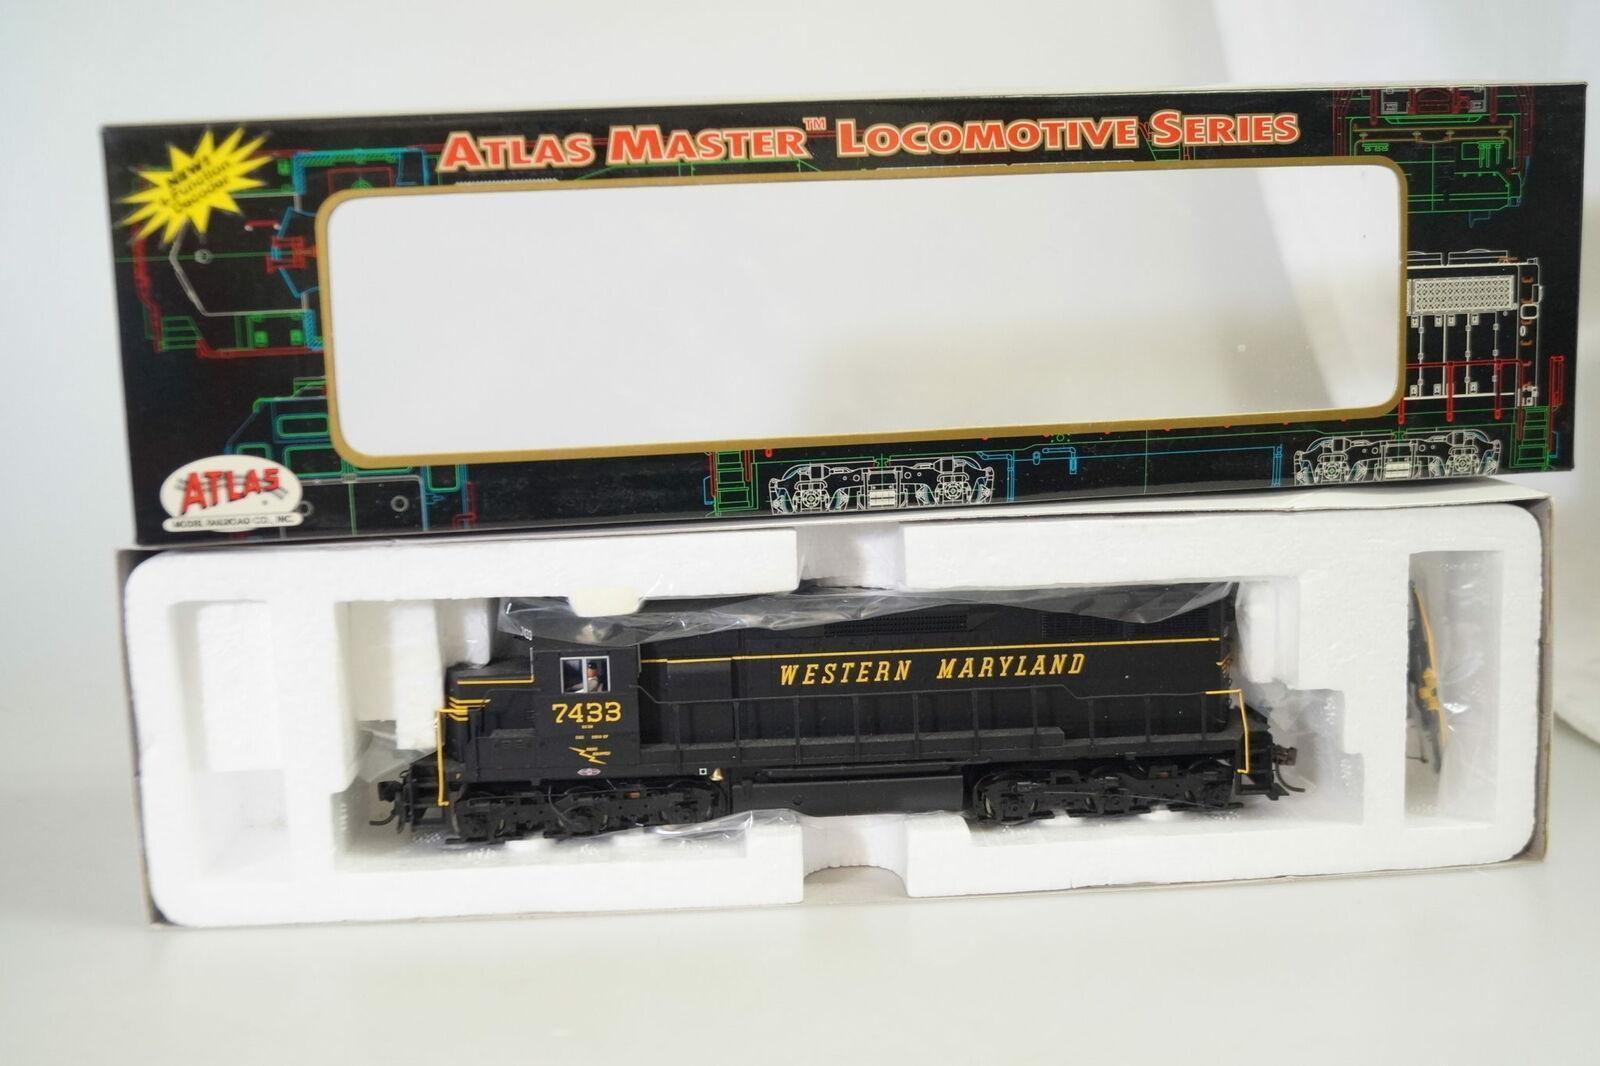 H0  9236 atlas Master us-diesellok sd-35 Western Maryland  7433, artículo nuevo embalaje original DCC